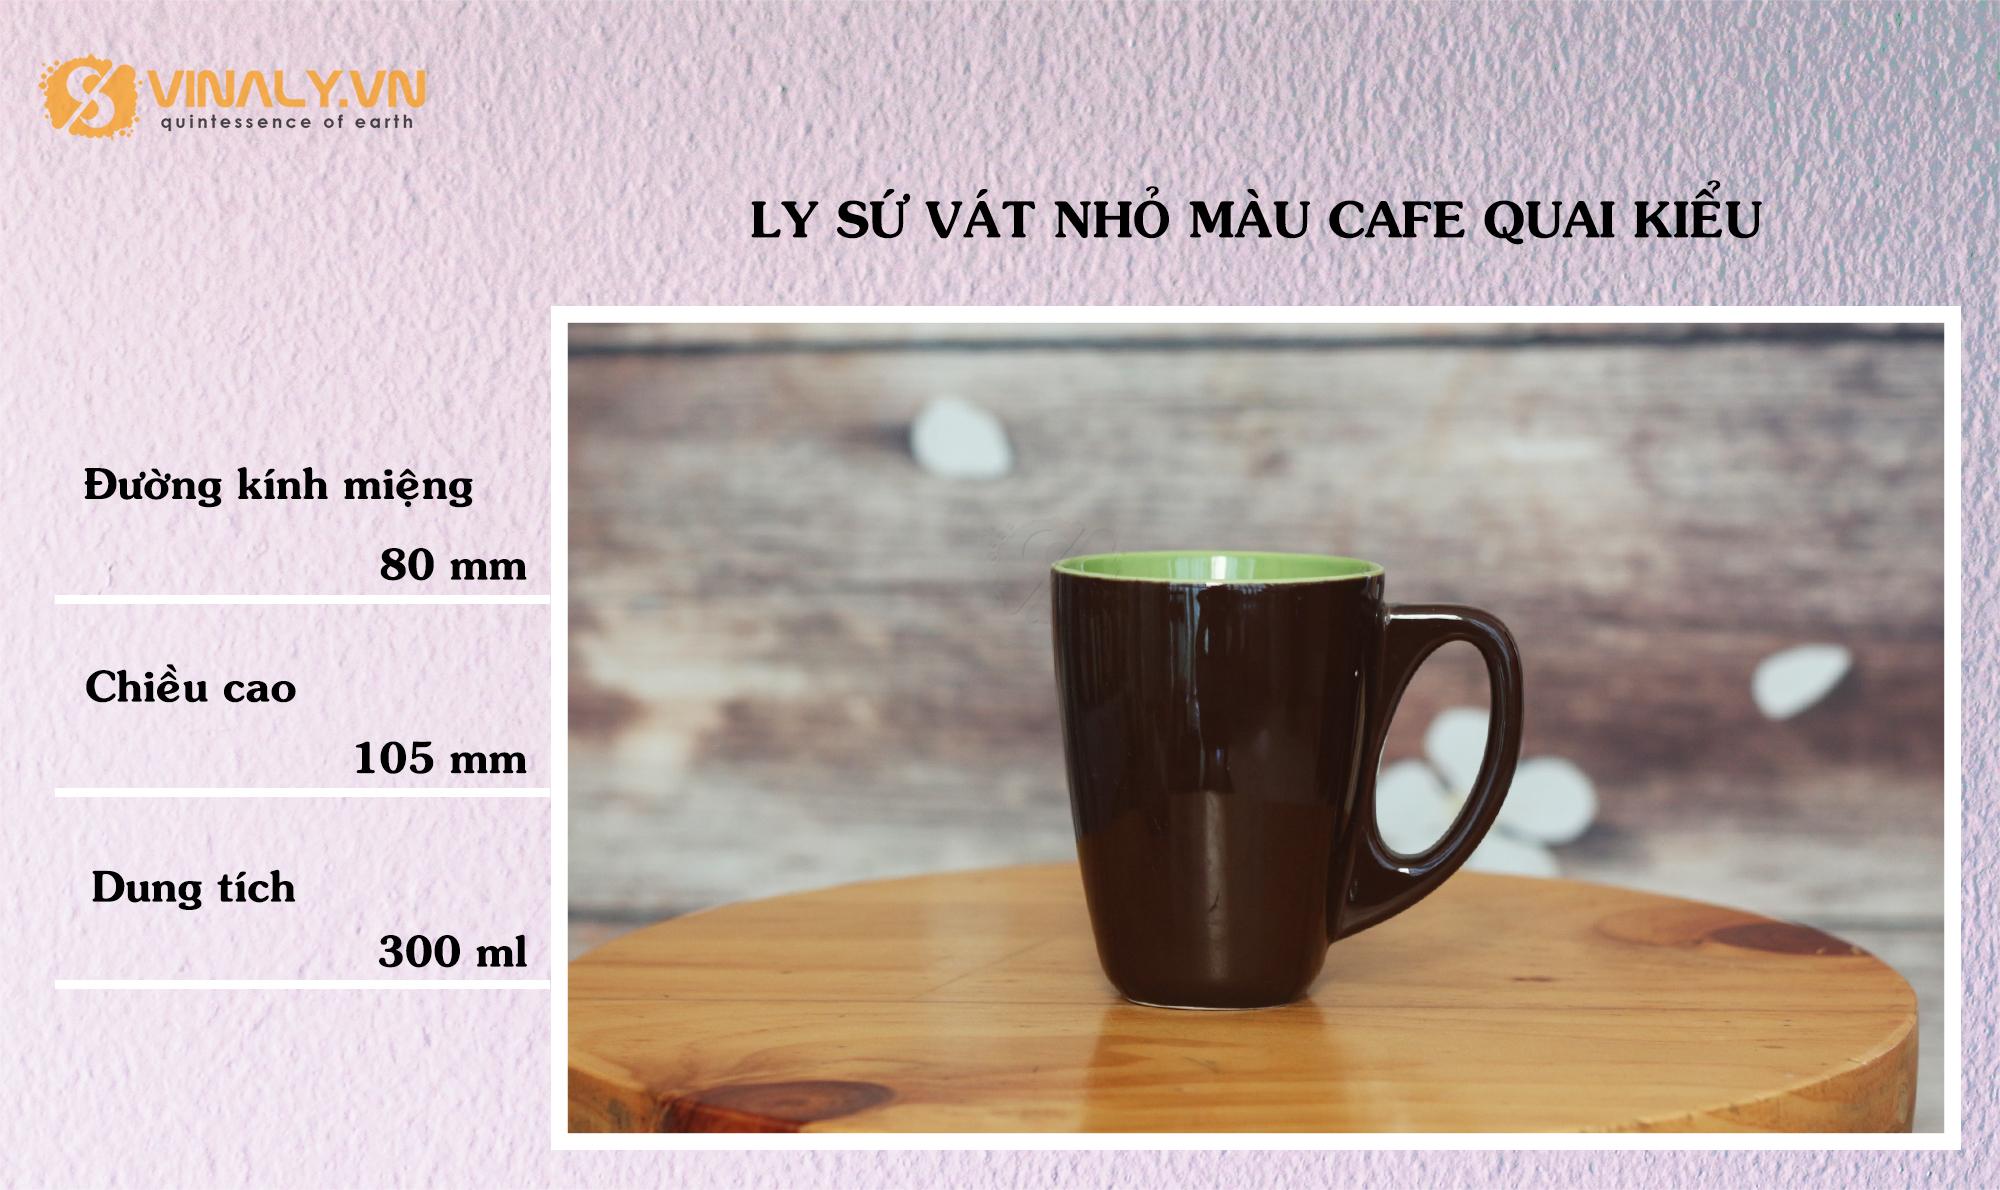 ly-su-vinaly-ly-su-mau-sac-ly-su-in-logo-ly-su-vat-nho-mau-cafe-quai-kieu